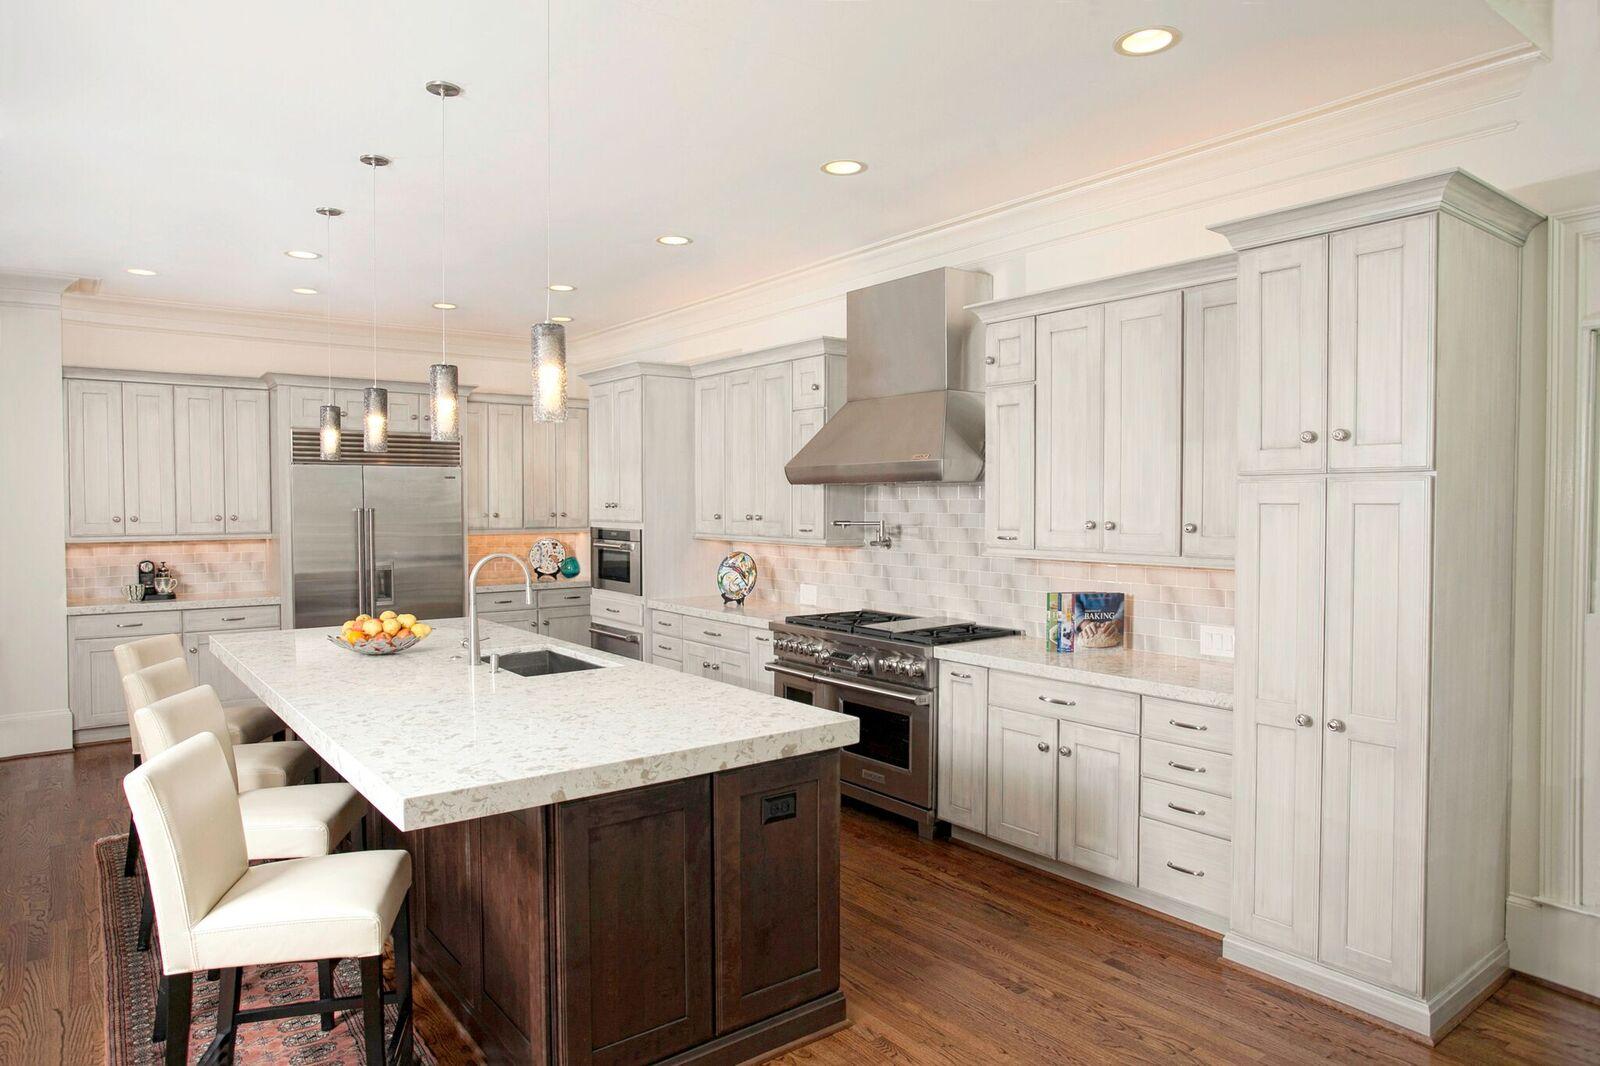 Kitchen Remodeling Design - Remodel Republic